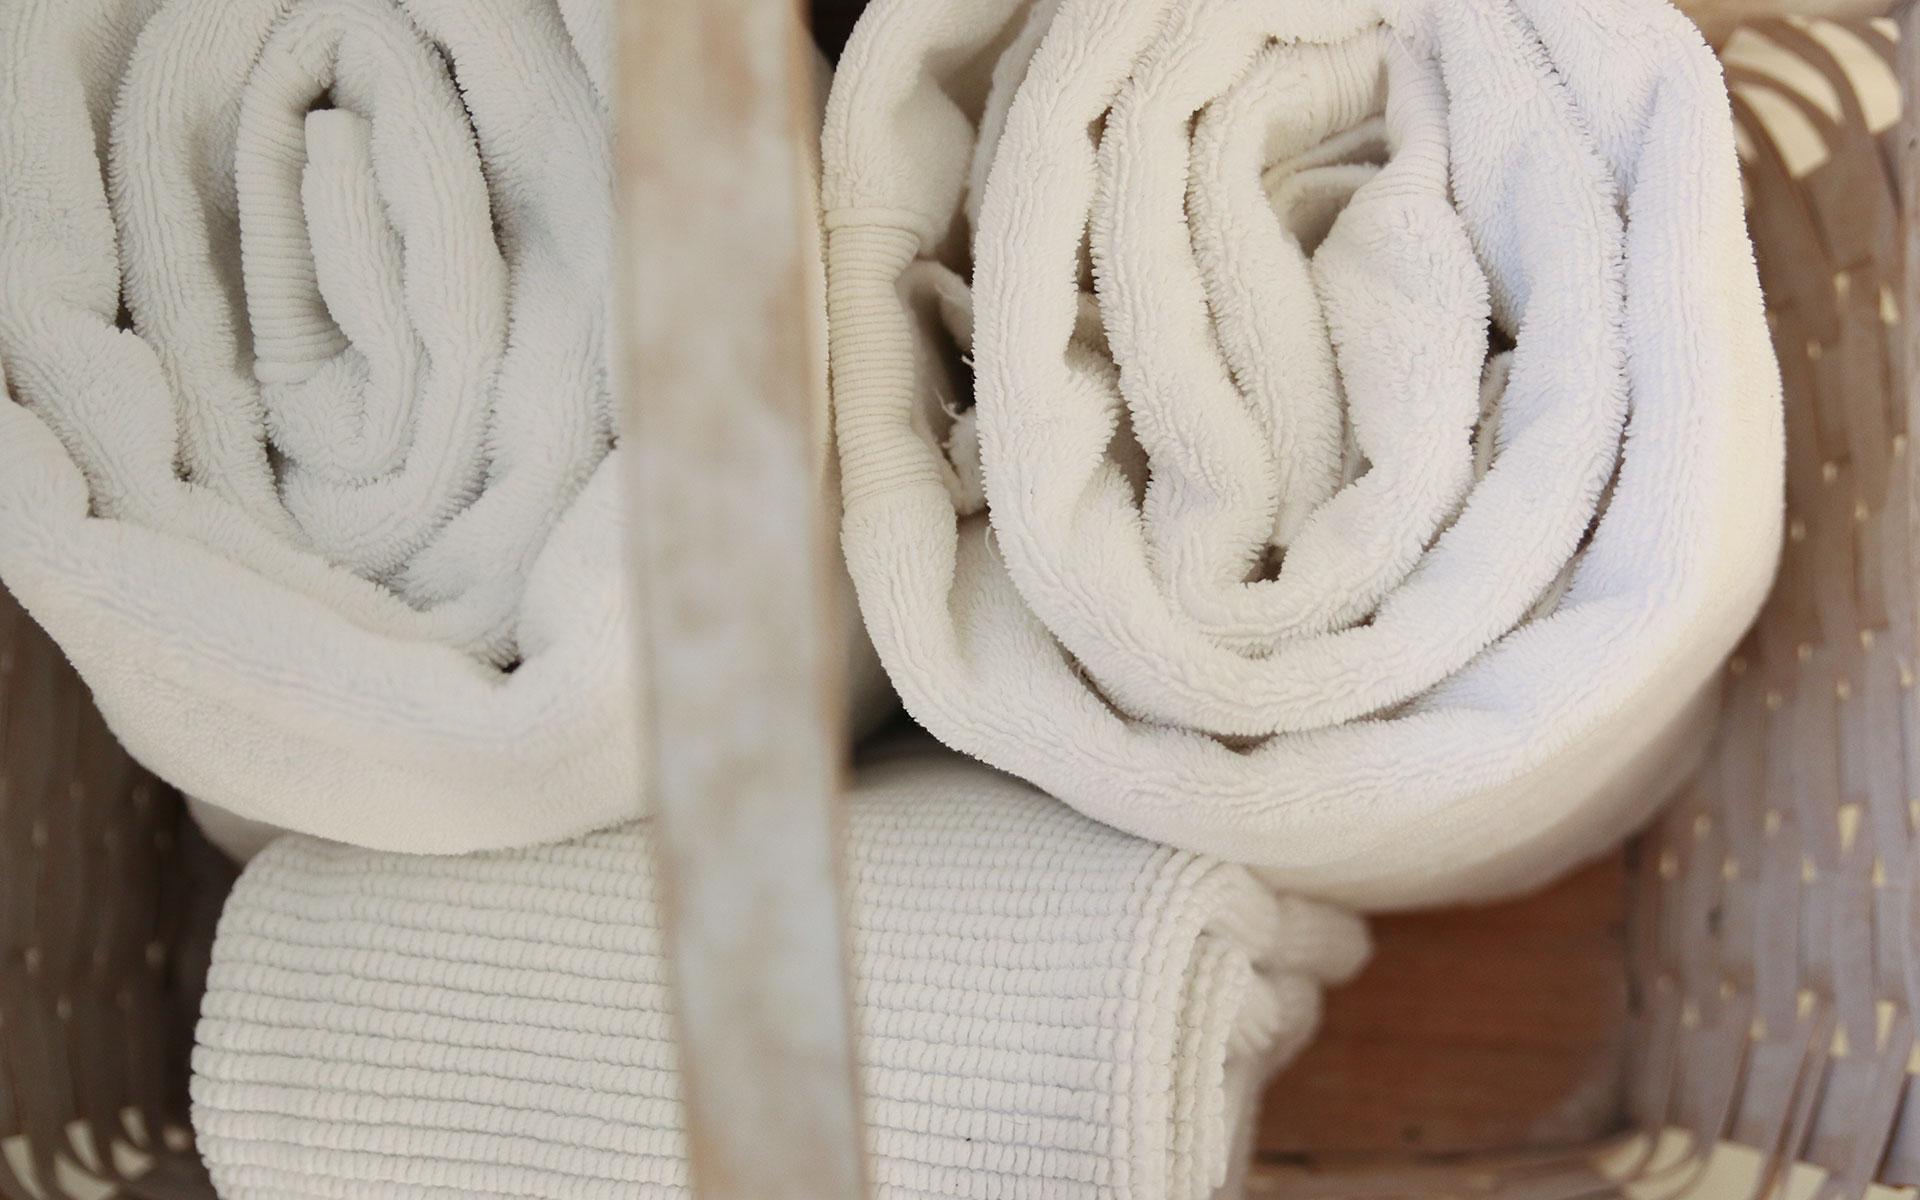 Towels-in-basket_IMG_7515.jpg